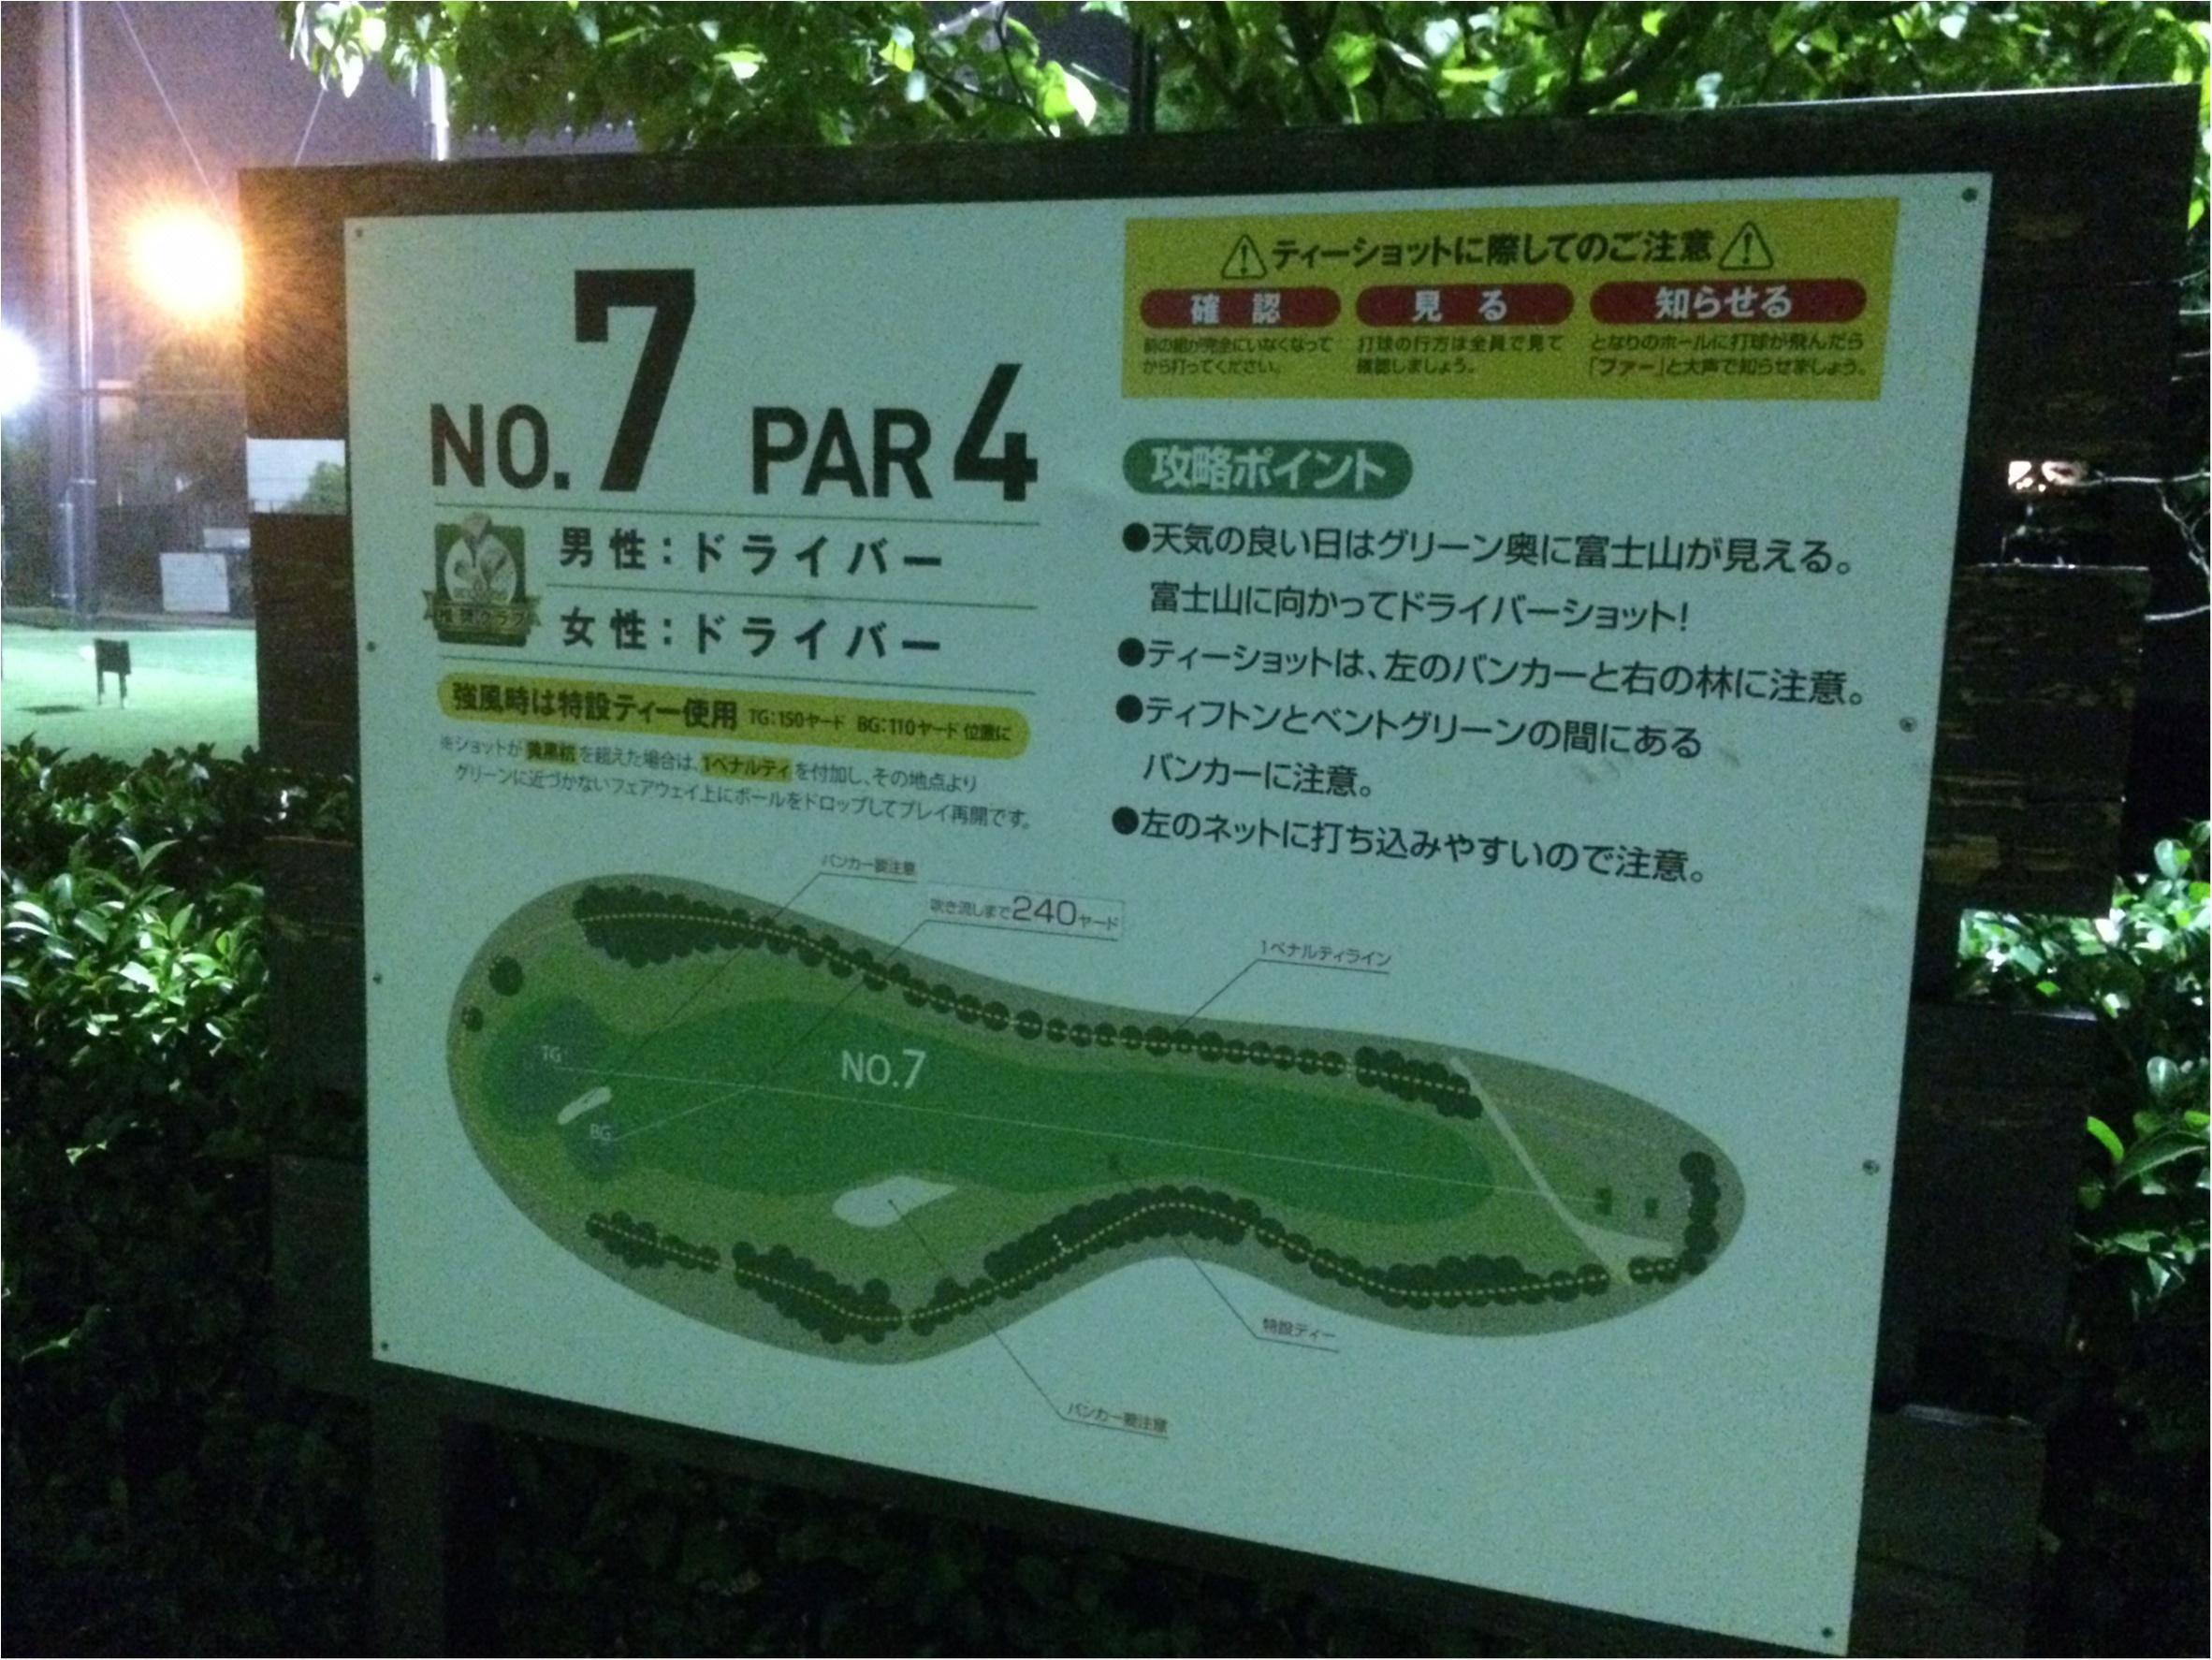 夏の夜にもビギナーにもピッタリ★ 涼しく回れるナイターゴルフをご紹介!【#モアチャレ ゴルフチャレンジ】_2_3